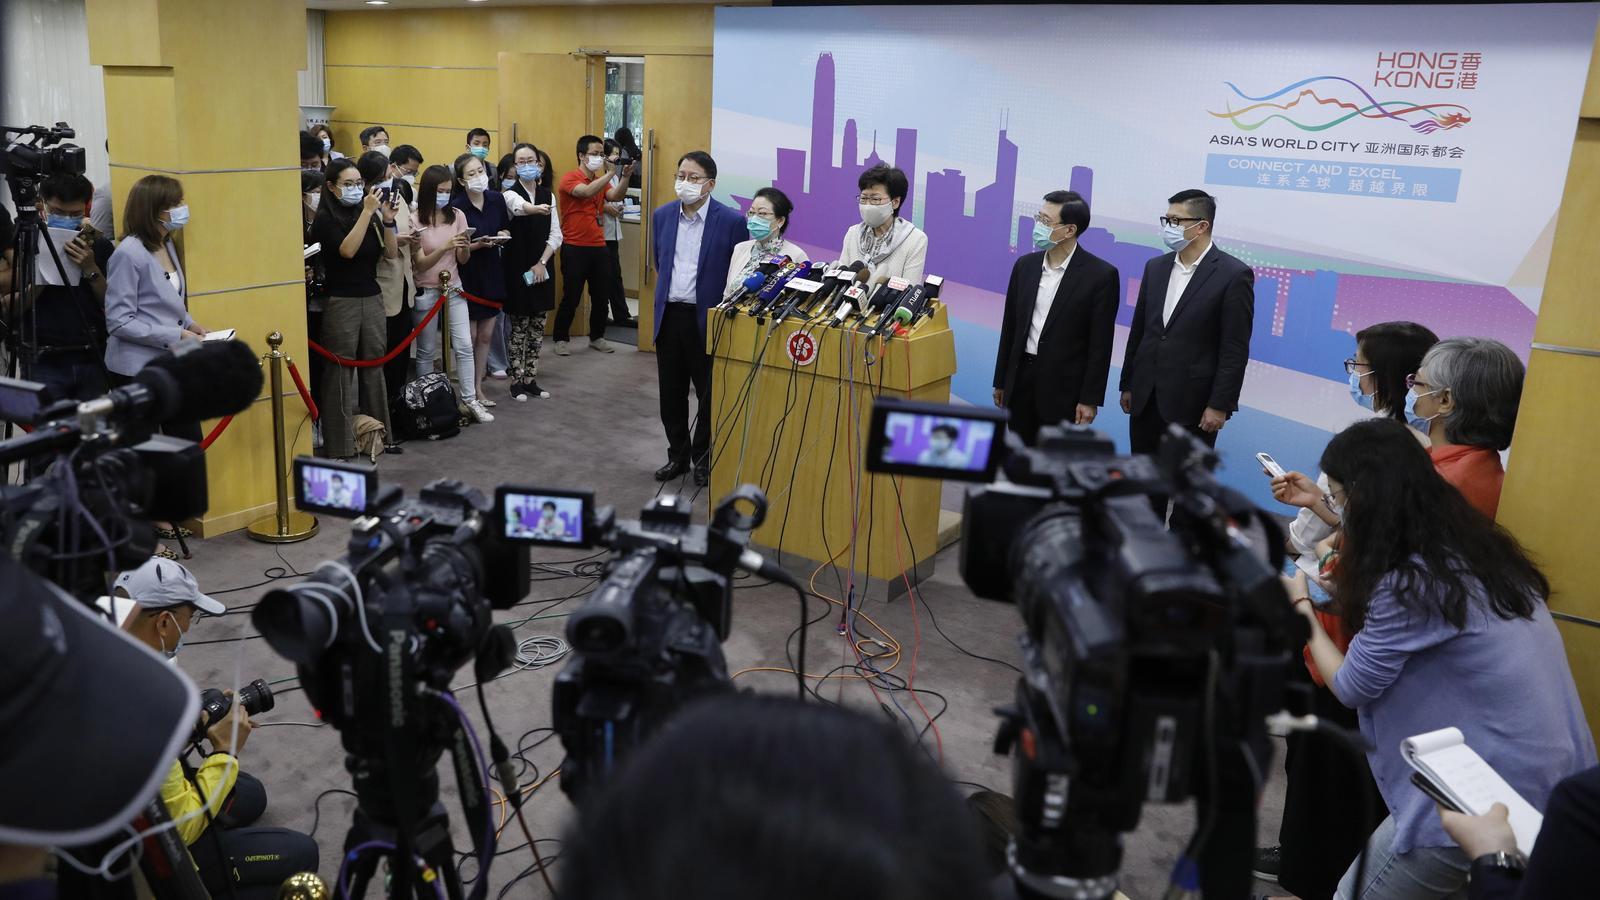 La líder de Hong Kong, Carrie Lam, durant la conferència de premsa que ha fet aquest dimecres, al seu retorn de Pequín